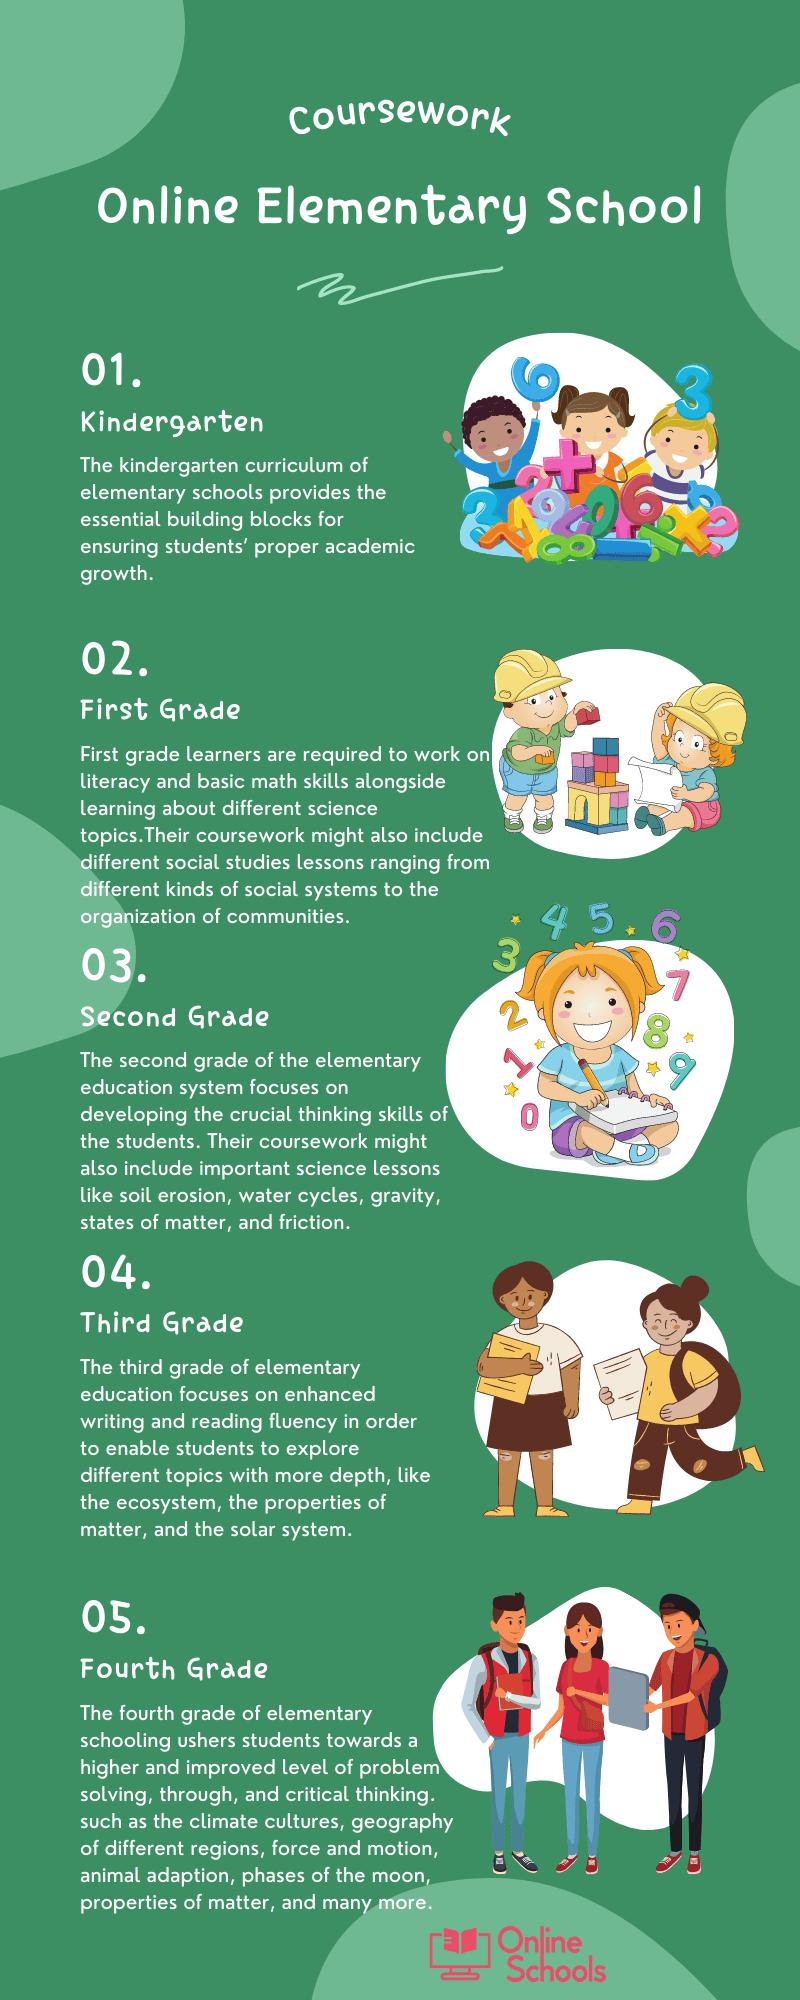 Coursework of online elementary school